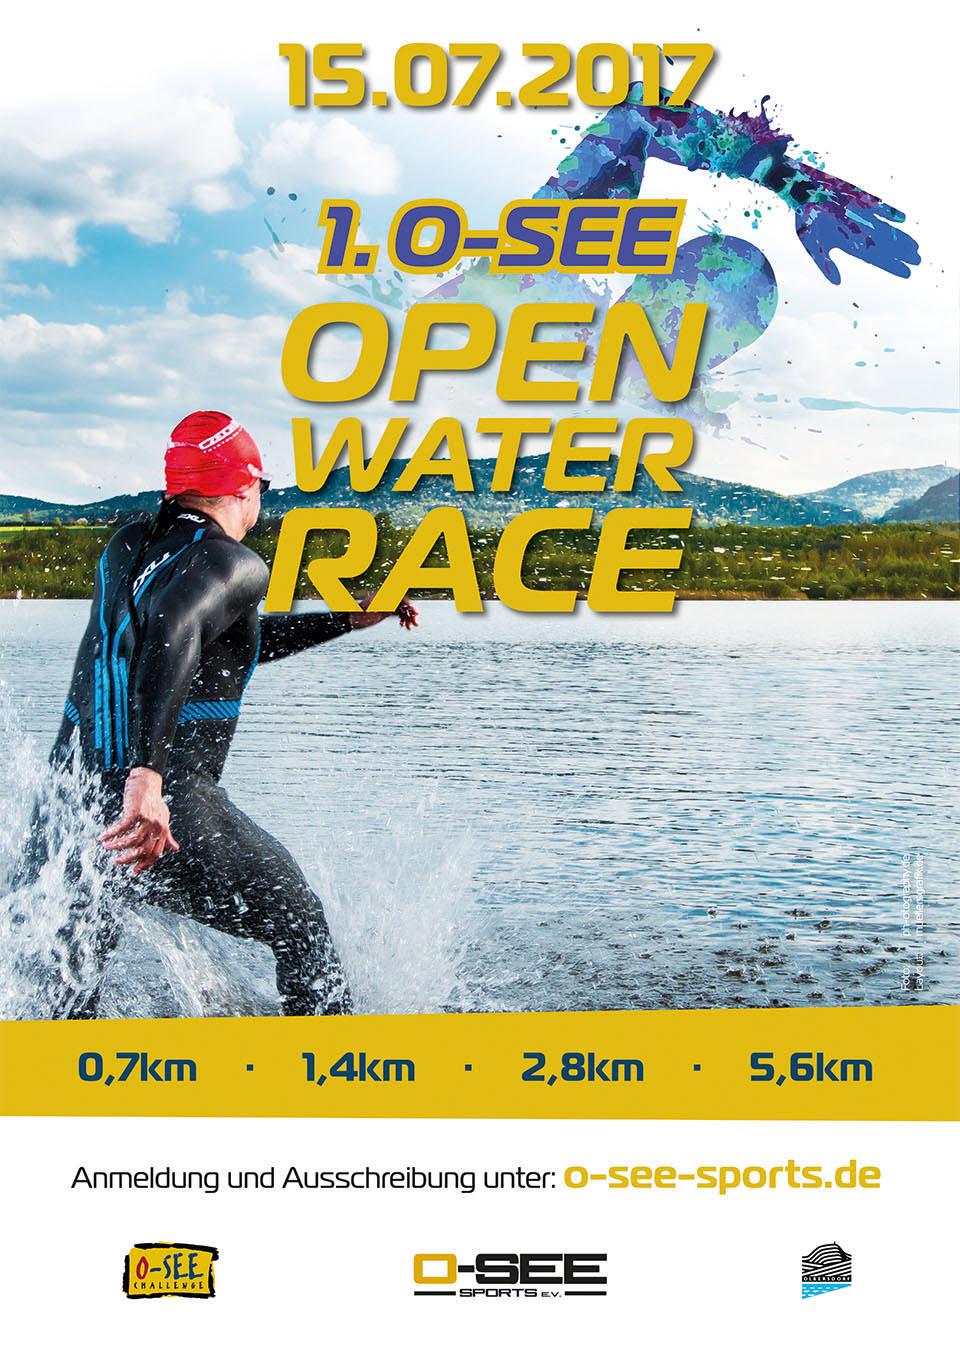 OPEN_WATER_RACE_A3_ENTWURF.indd